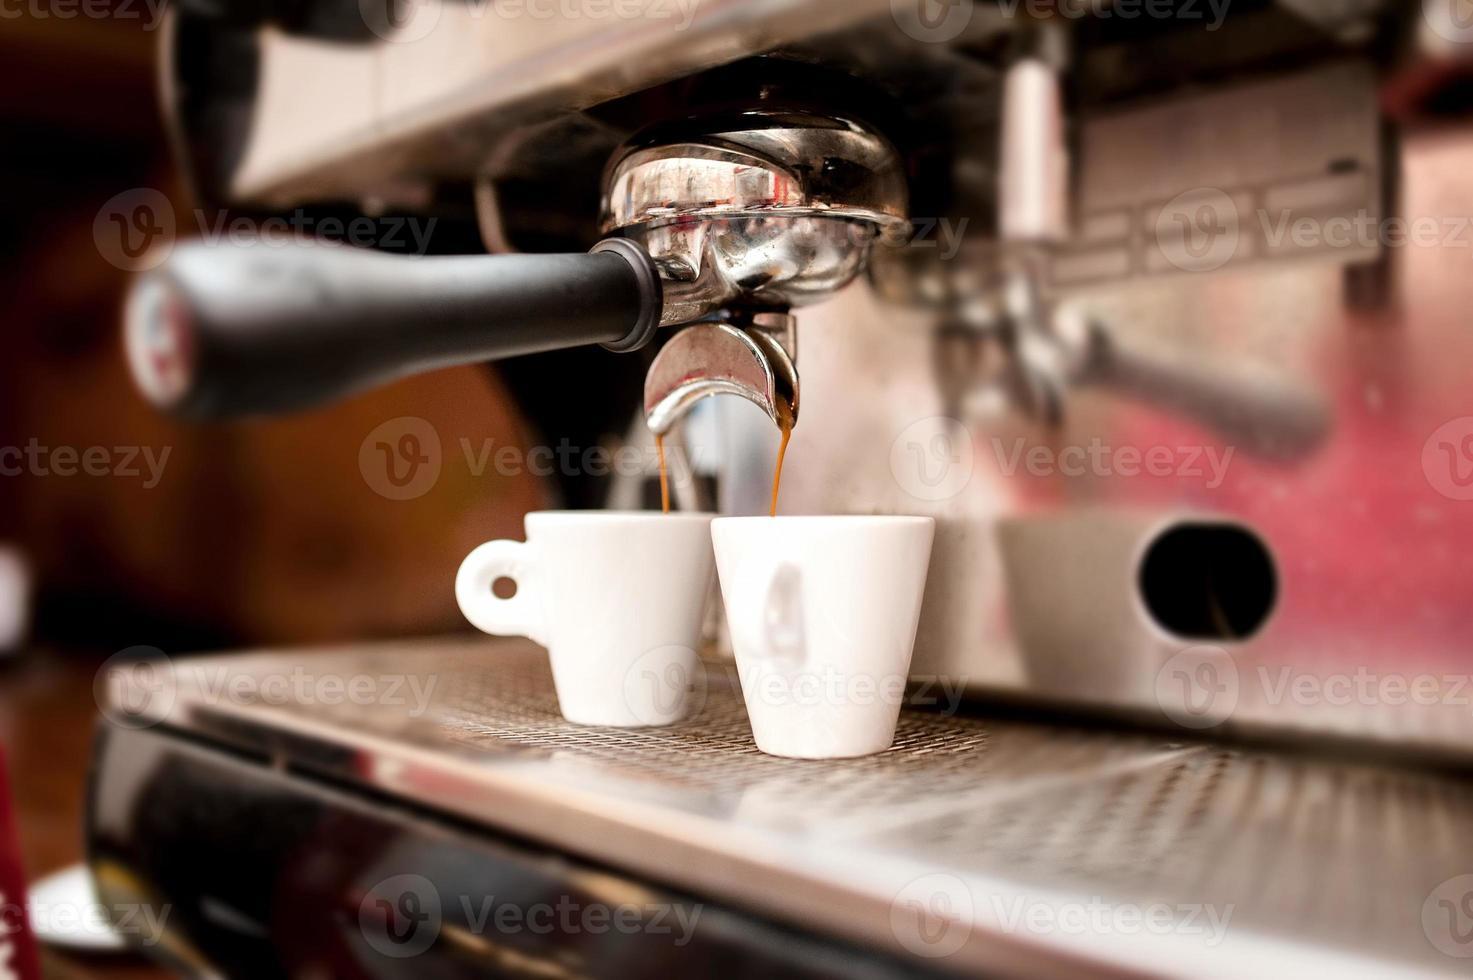 Máquina de espresso vertiendo café en tazas foto